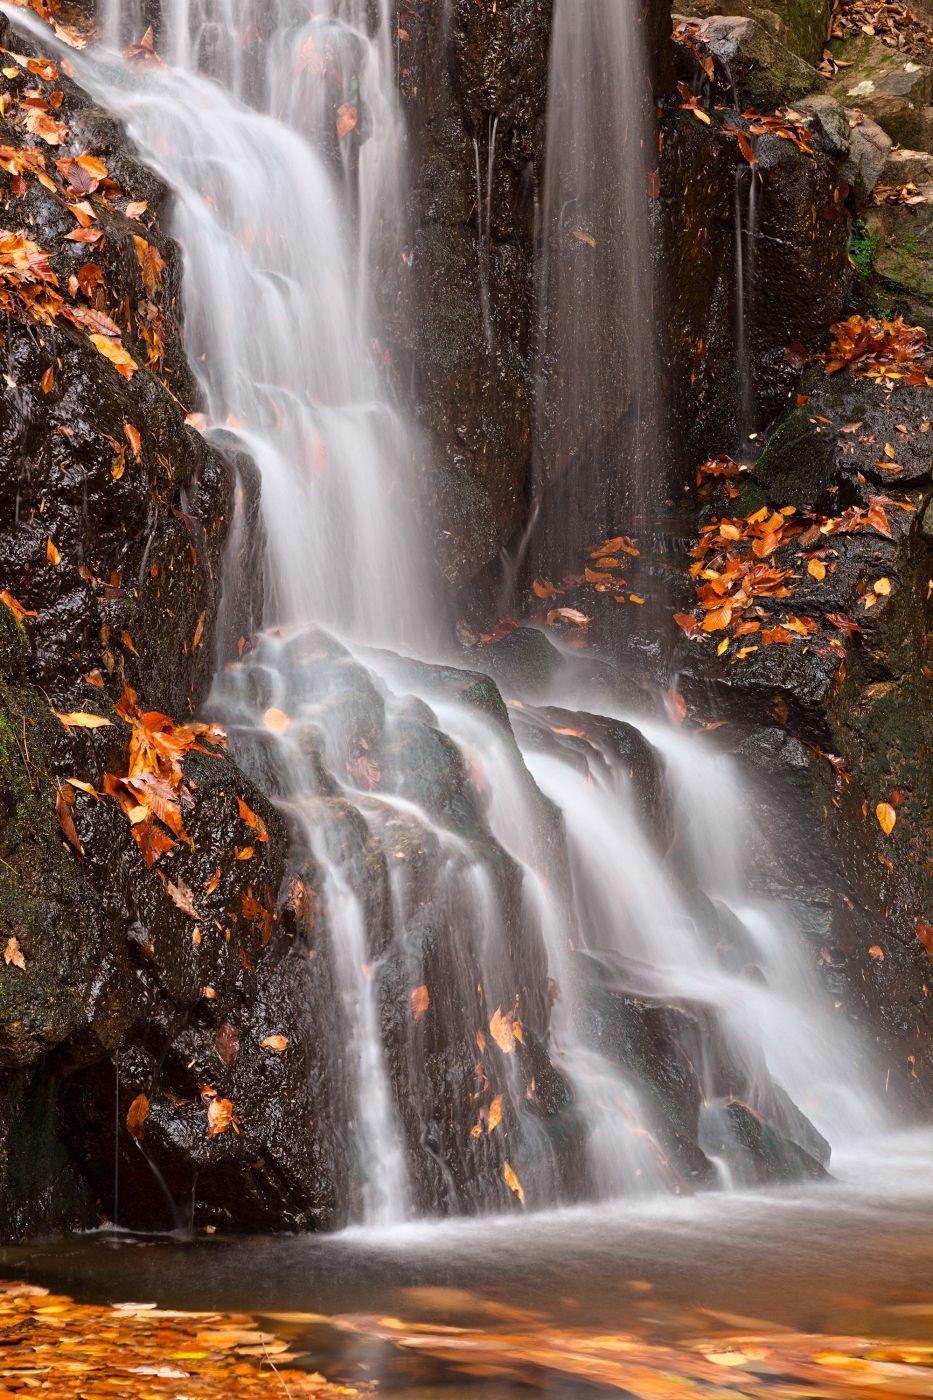 Cascade Falls, USA